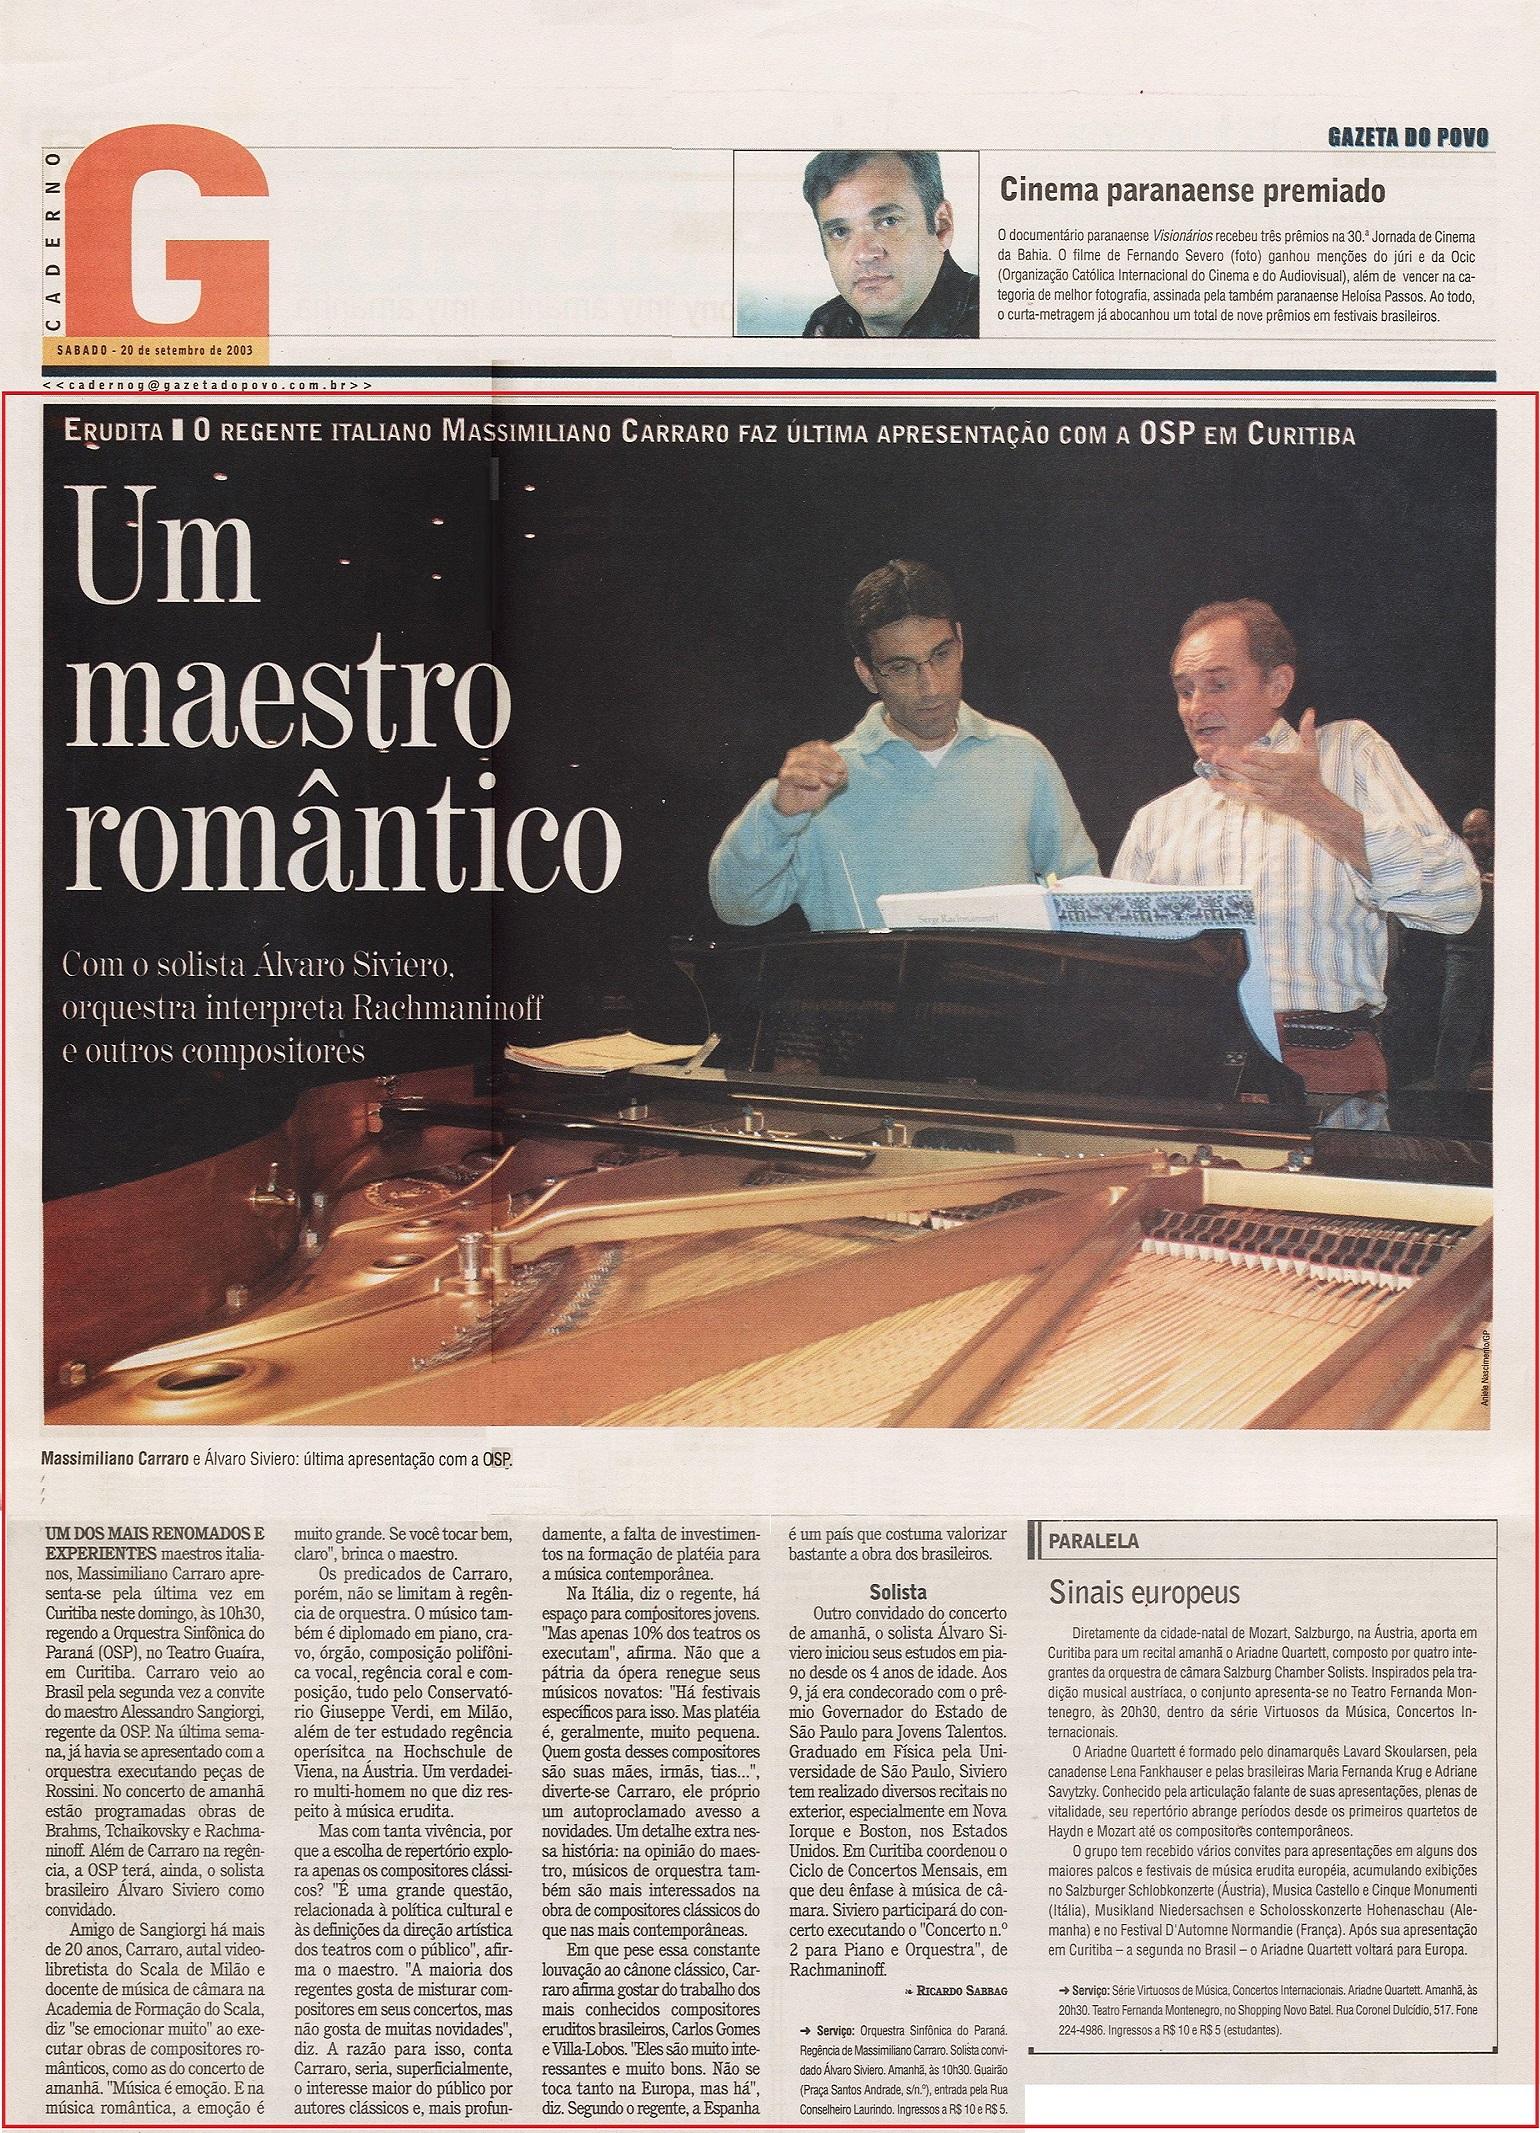 OK - Guaira - Um maestro romântico - rach 2 - gazeta do povo